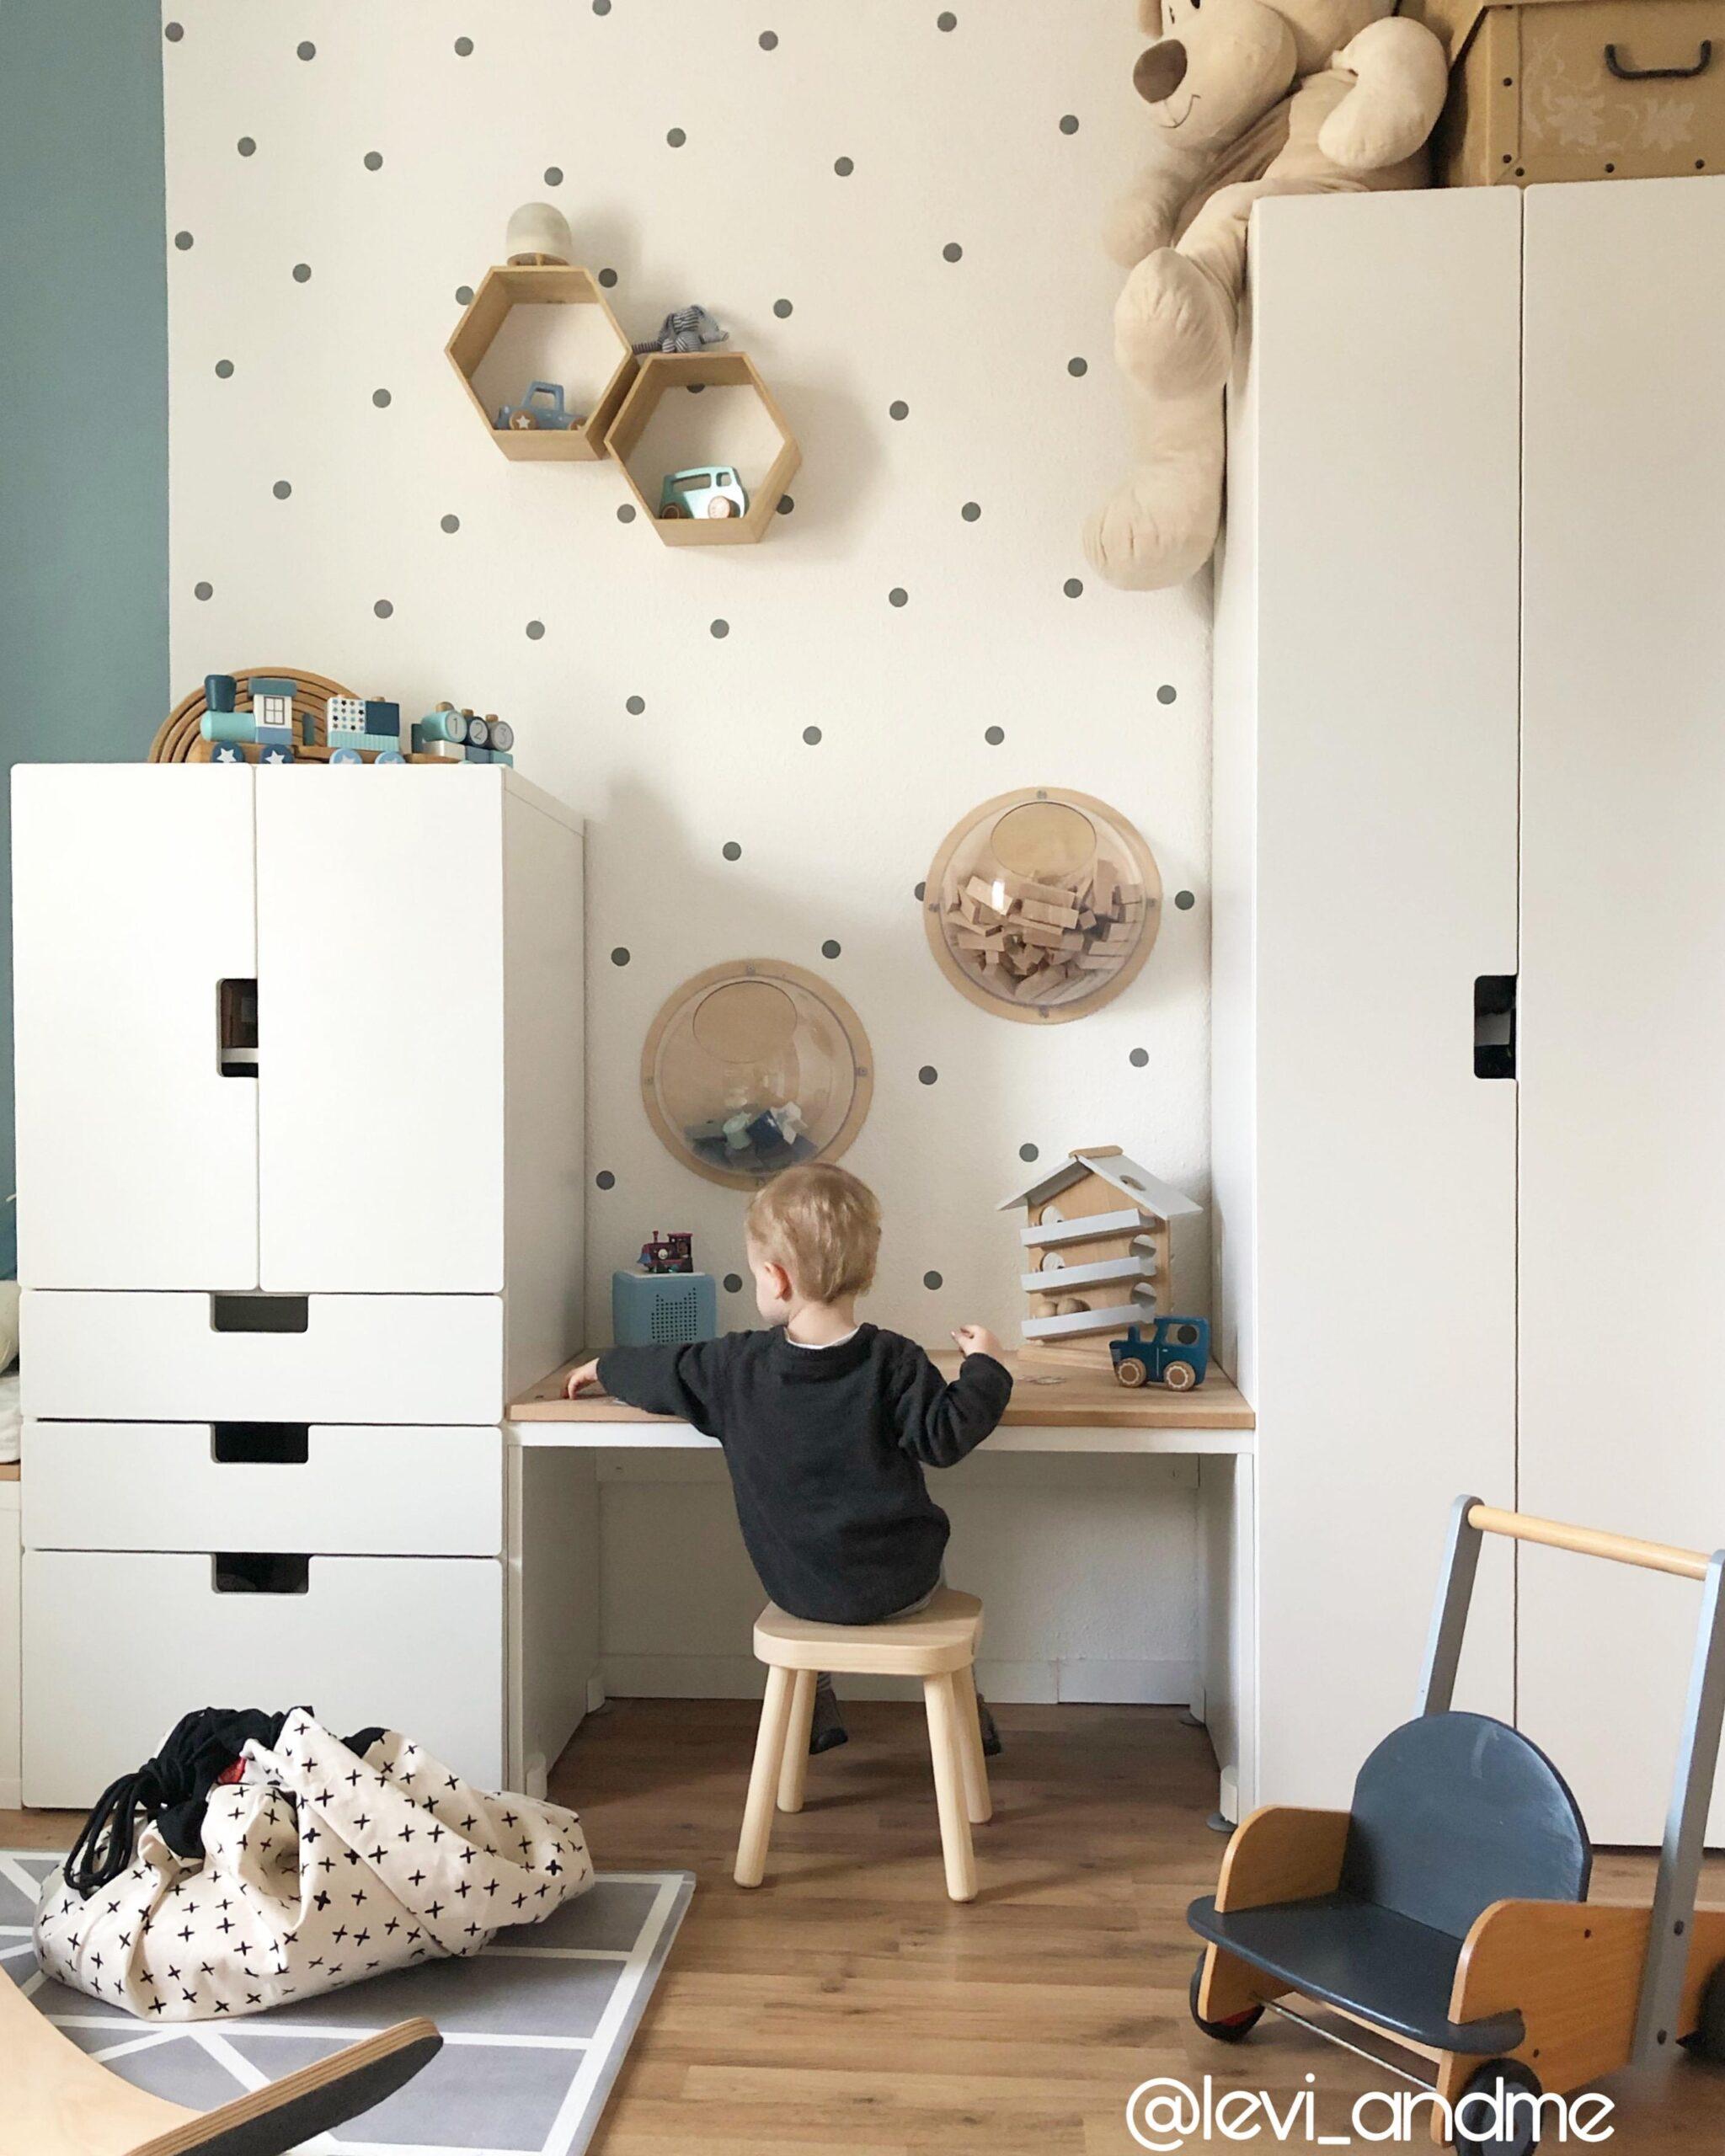 Full Size of Ikea Hack Sitzbank Esszimmer Hacks So Machst Du Deine Mbel Zu Einzelstcken Sofa Schlafzimmer Modulküche Miniküche Für Küche Kosten Betten Bei Mit Wohnzimmer Ikea Hack Sitzbank Esszimmer